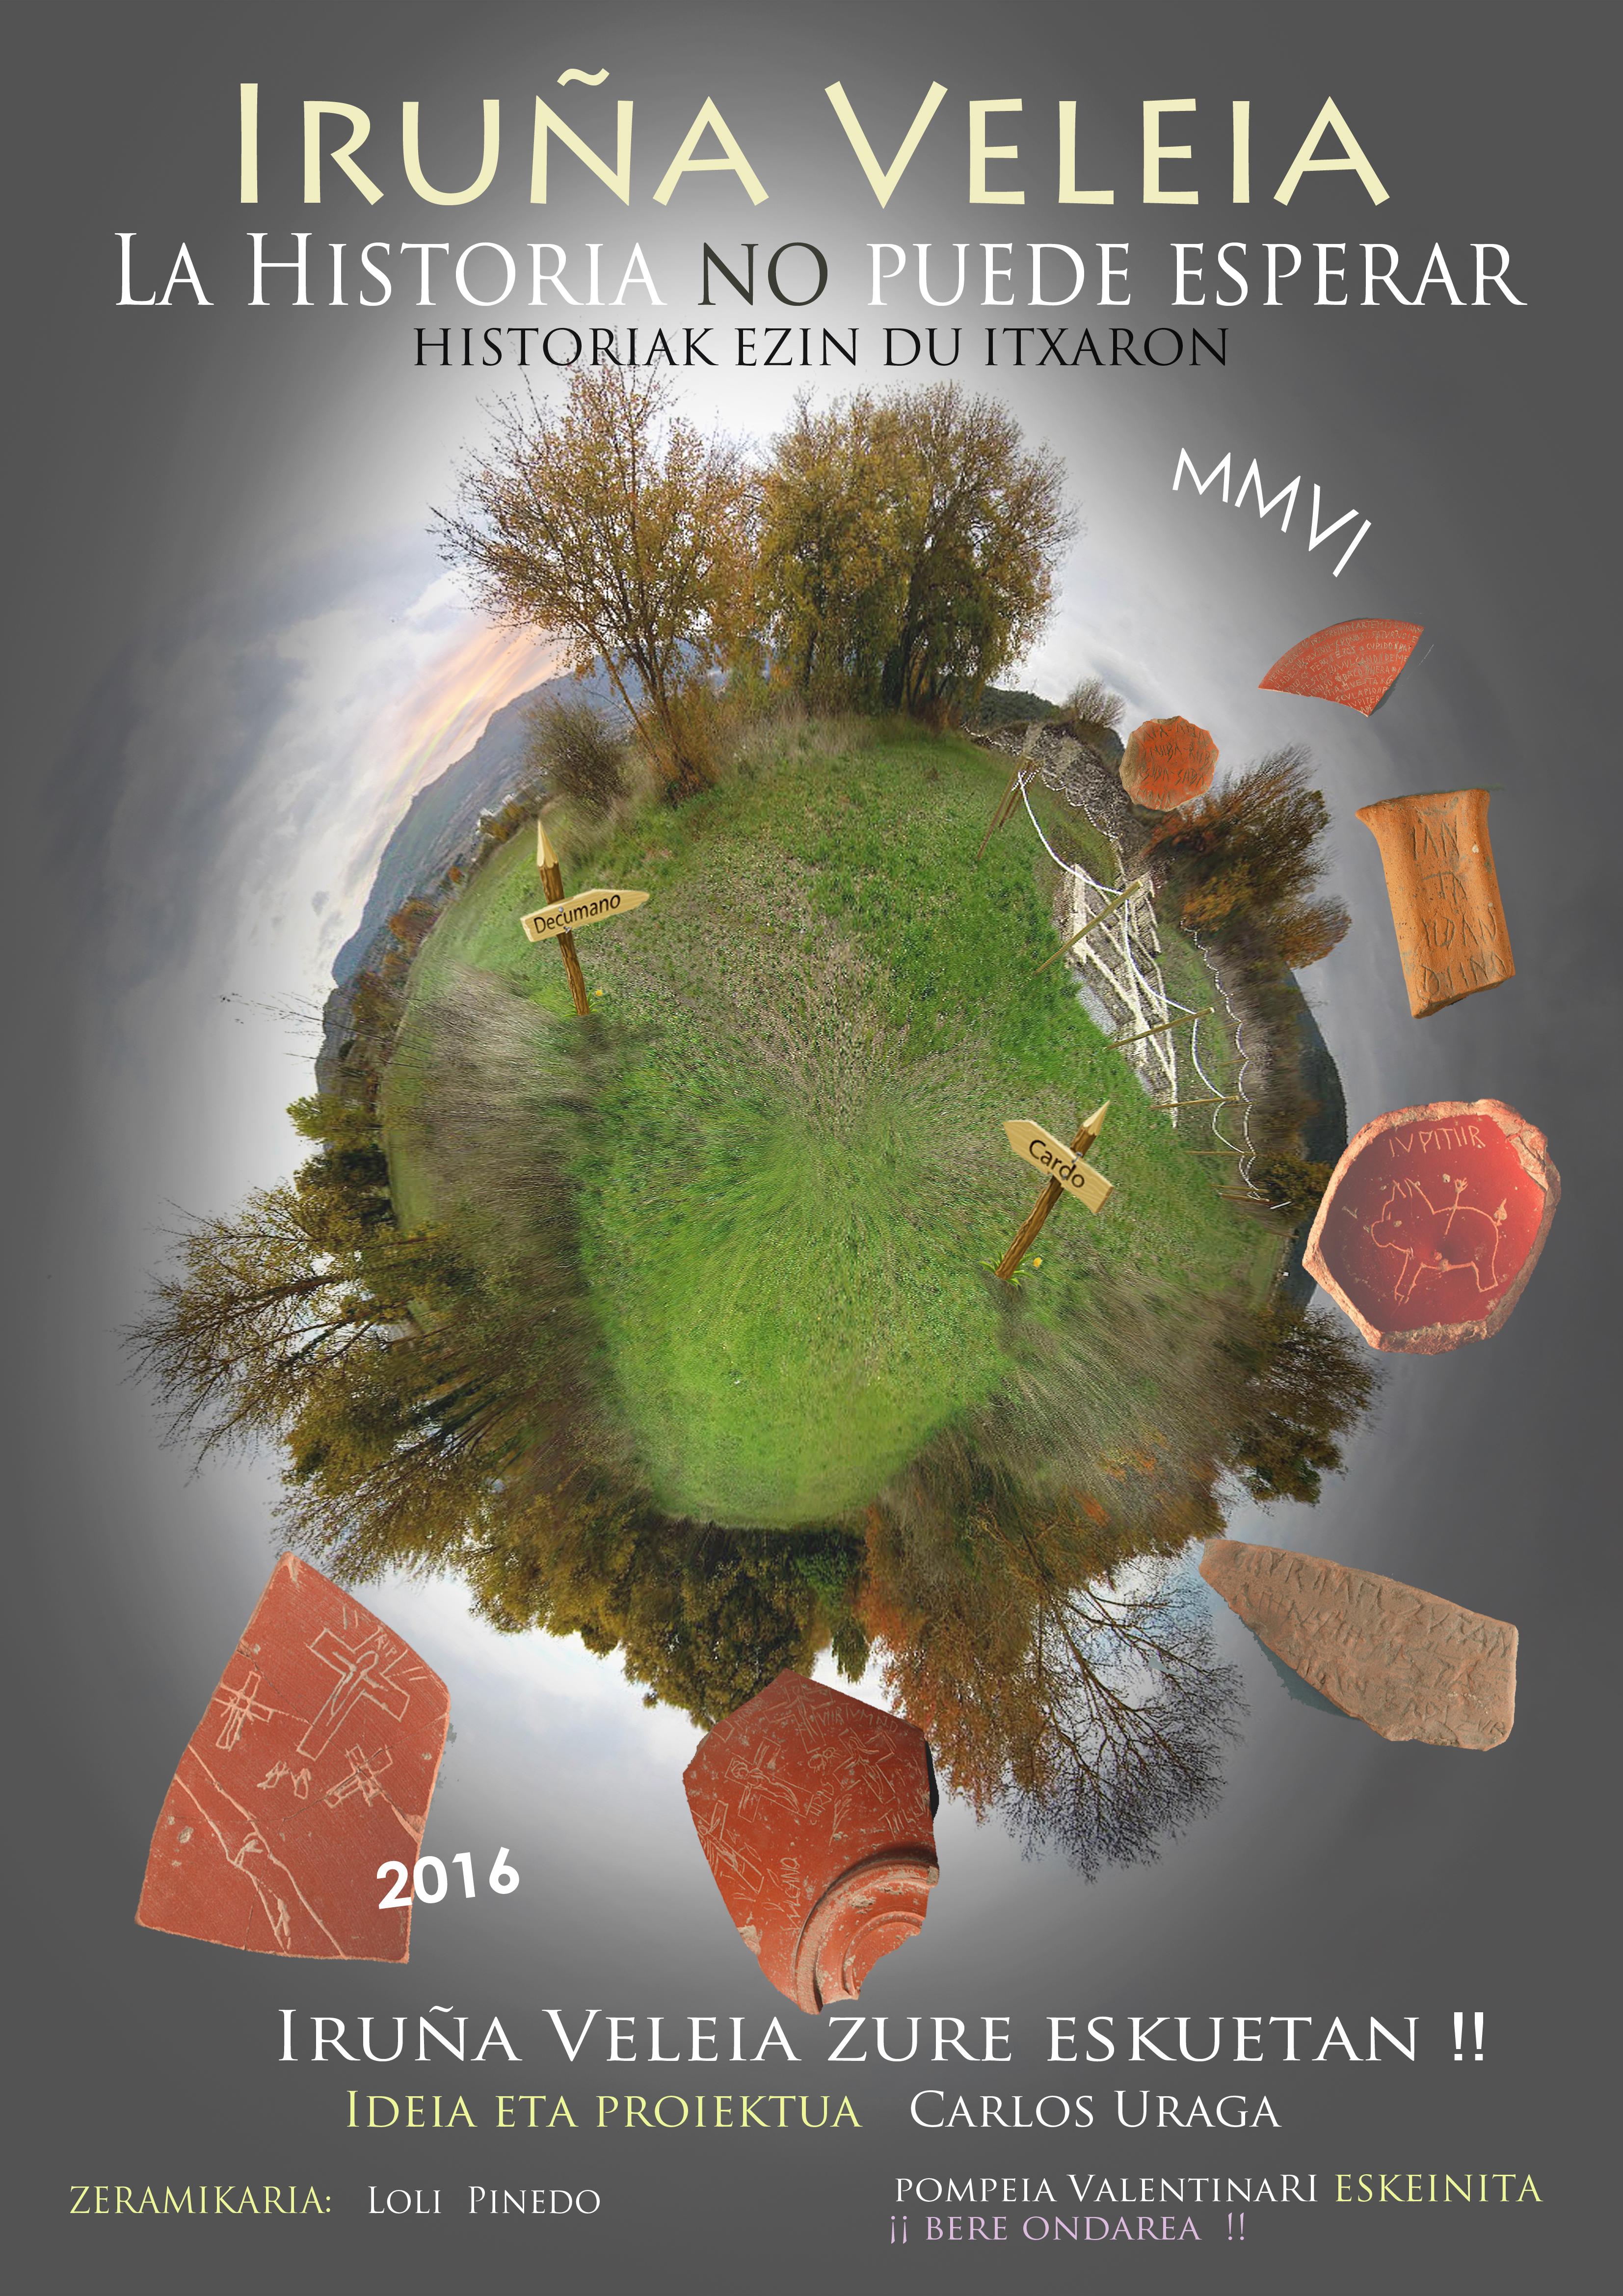 IRUÑA VELEIA, exposición + 2º Congreso Internacional, Un tesoro arqueológico, lingüístico e histórico de Europa